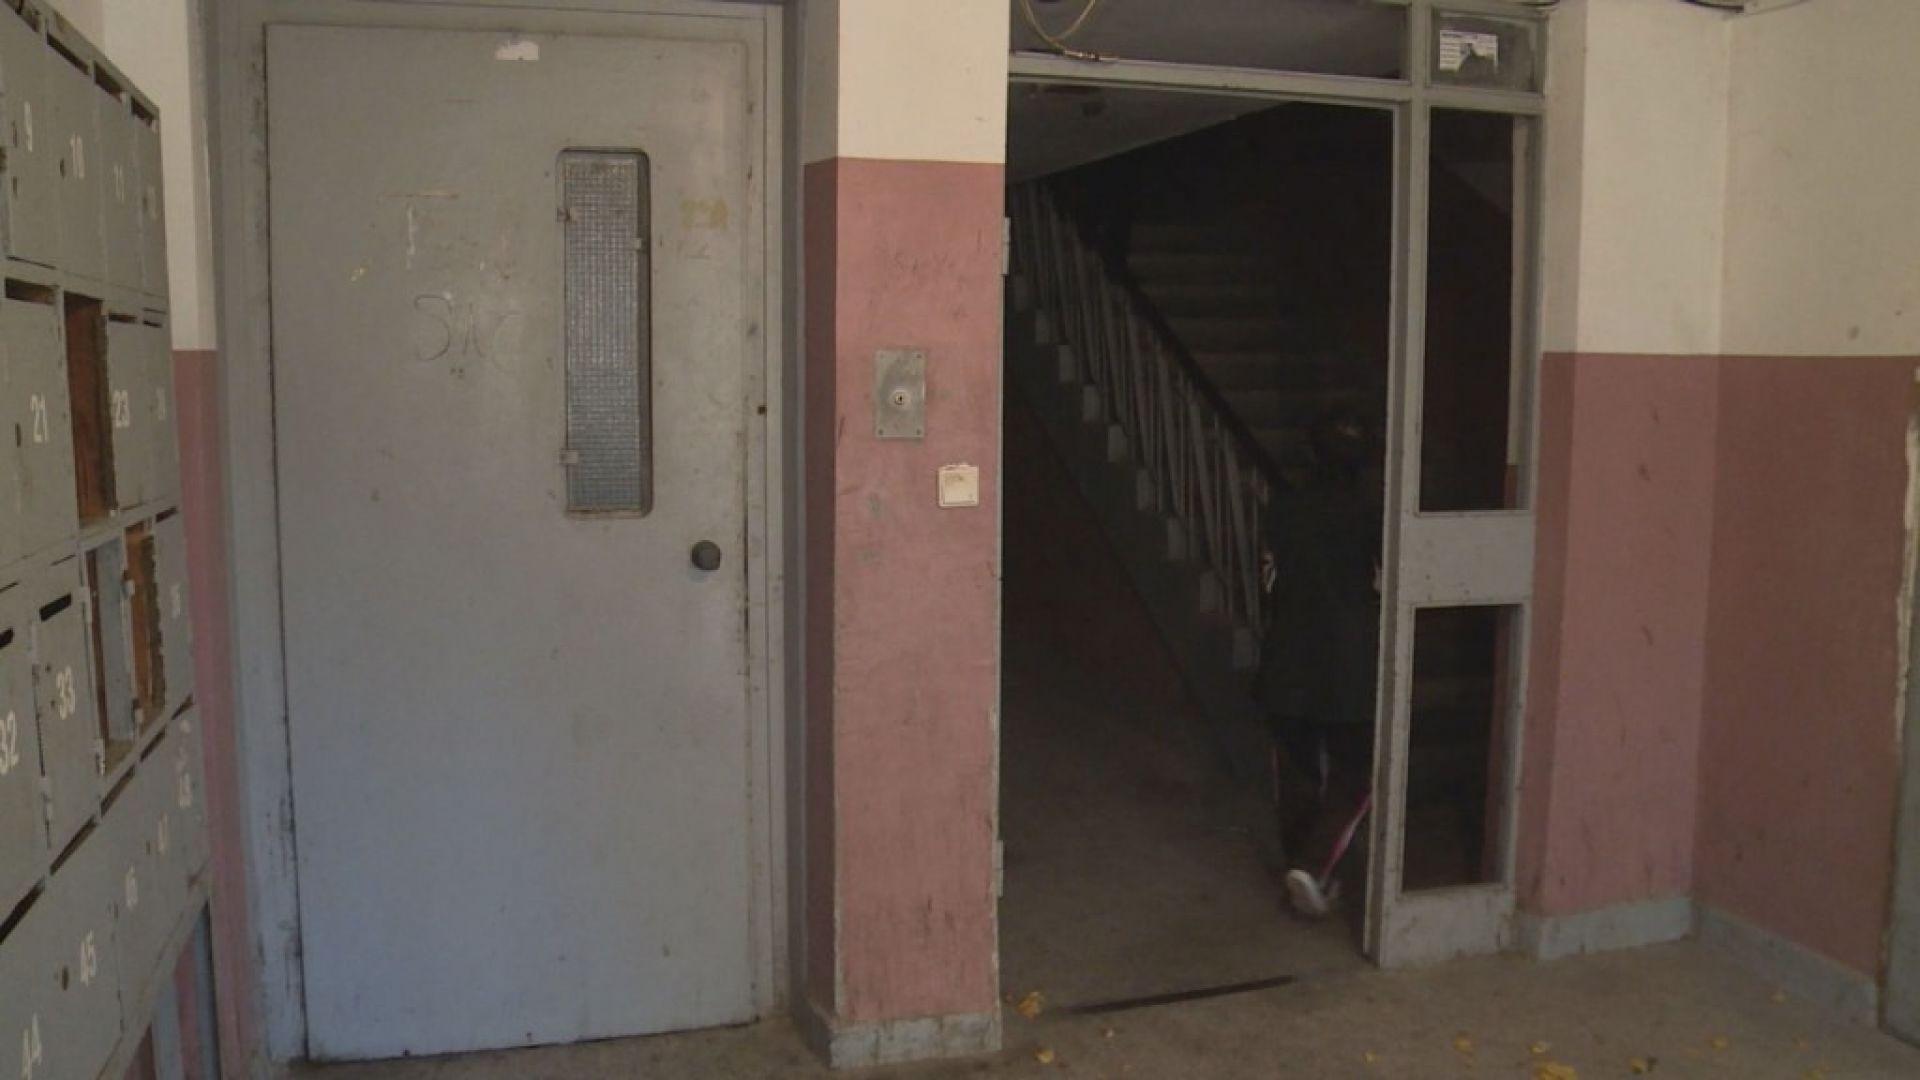 Възрастен мъж пропадна в асансьорна шахта и загина